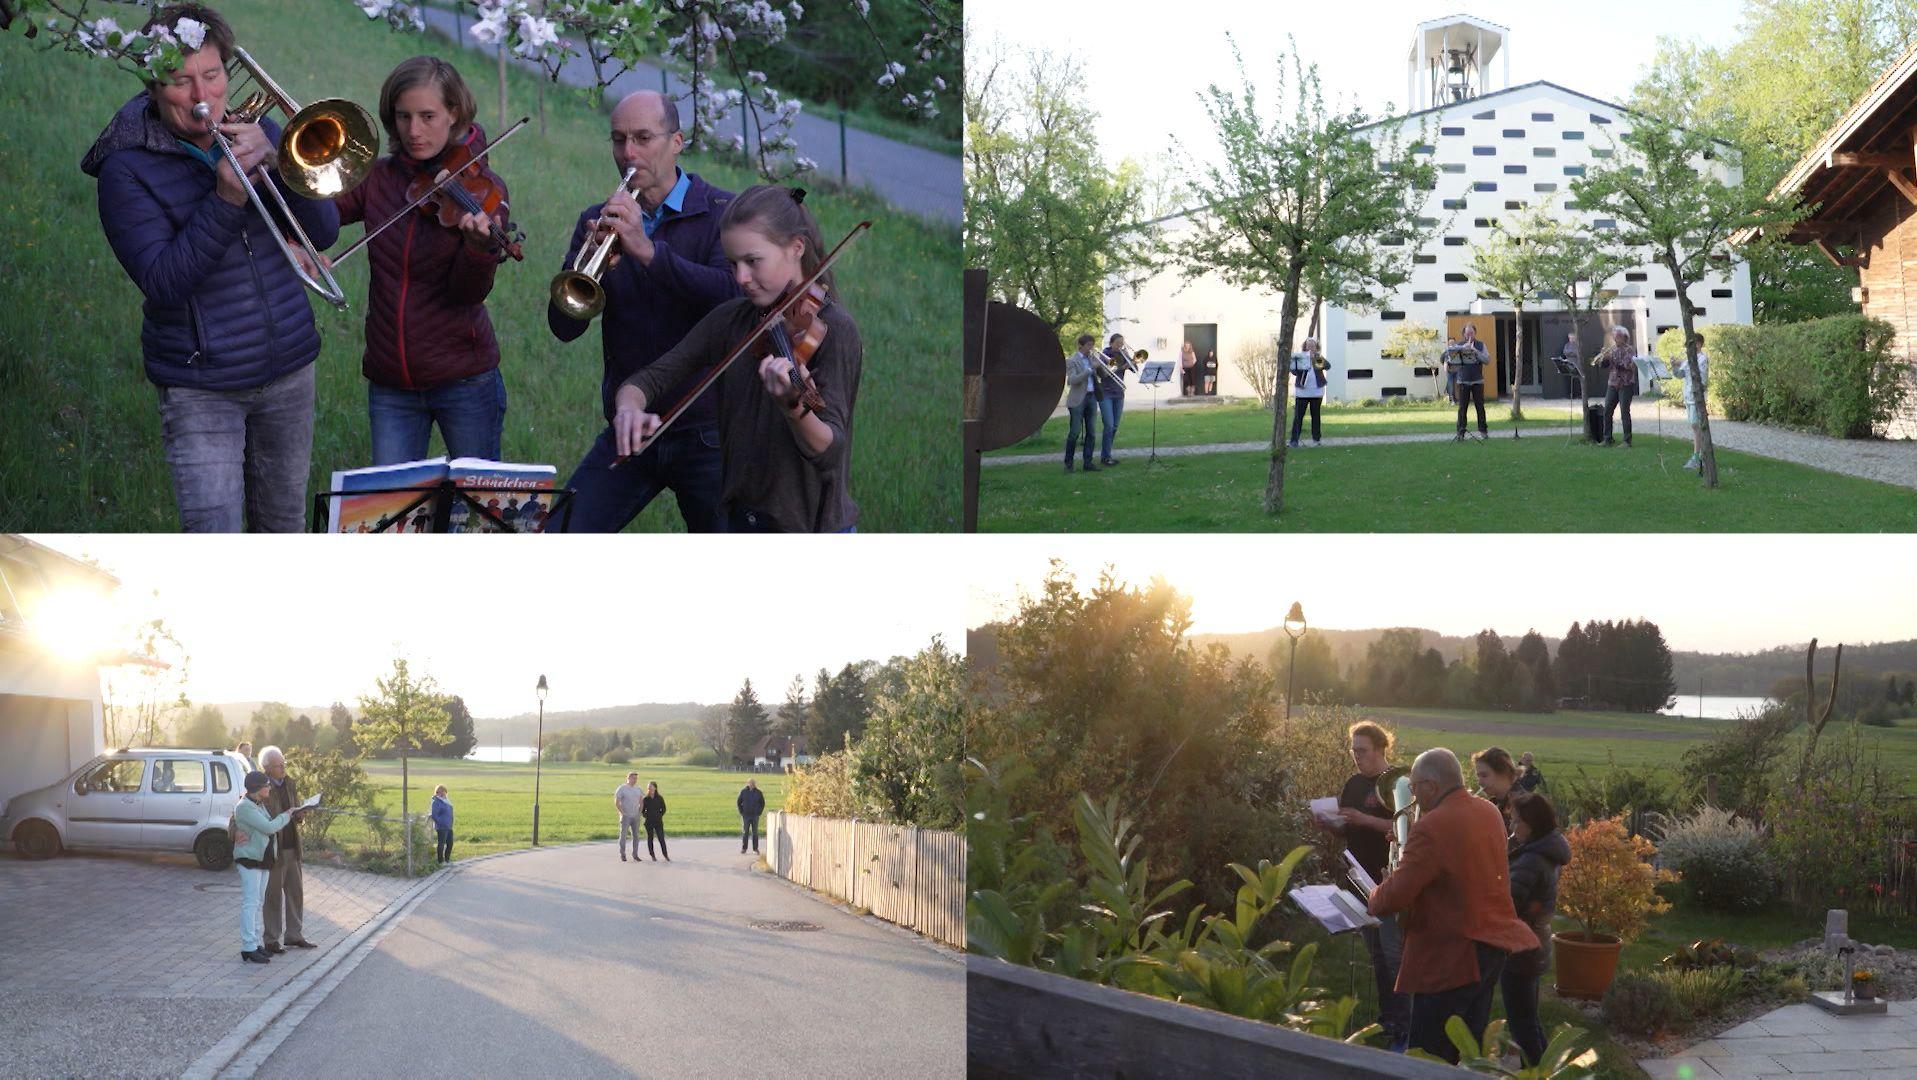 Musiker um 19 Uhr in Ebersberg: Der Mond ist aufgegangen!